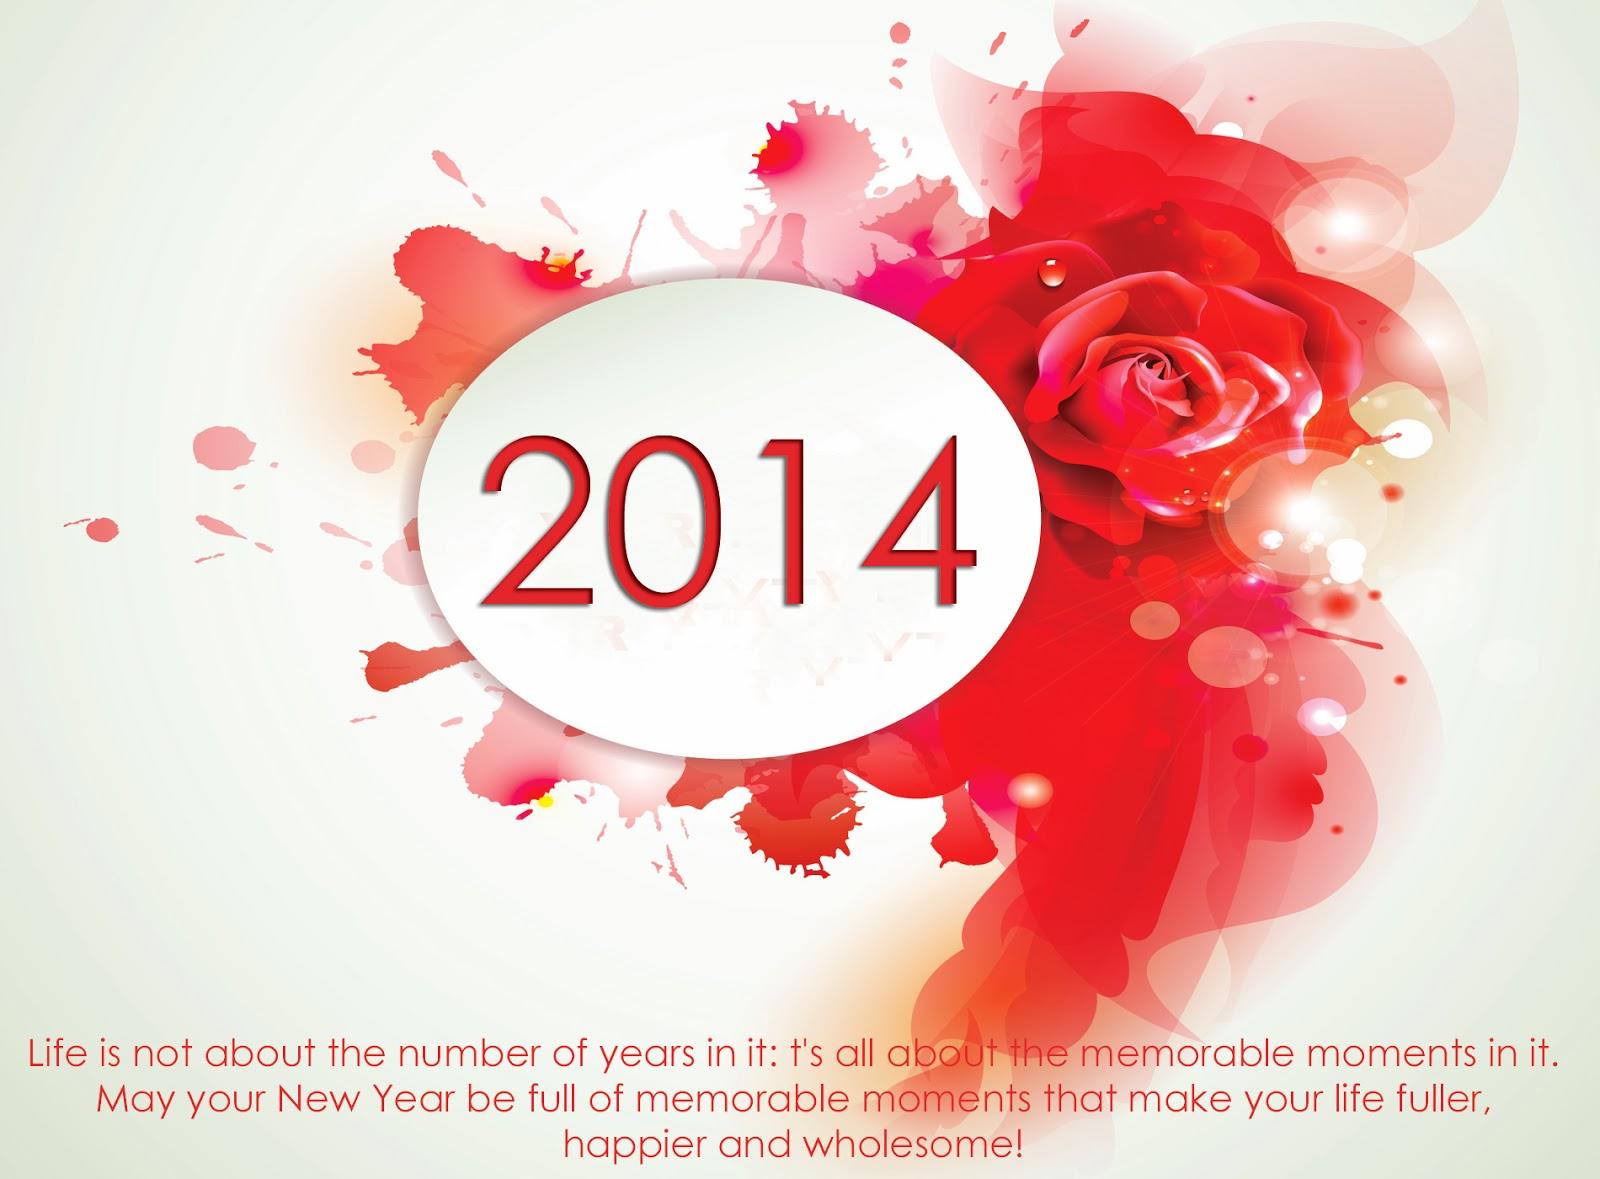 hinh nen chuc mung nam moi 2014 Thiệp chúc tết 2014 đẹp và ý nghĩa nhất cho xuân giáp ngọ